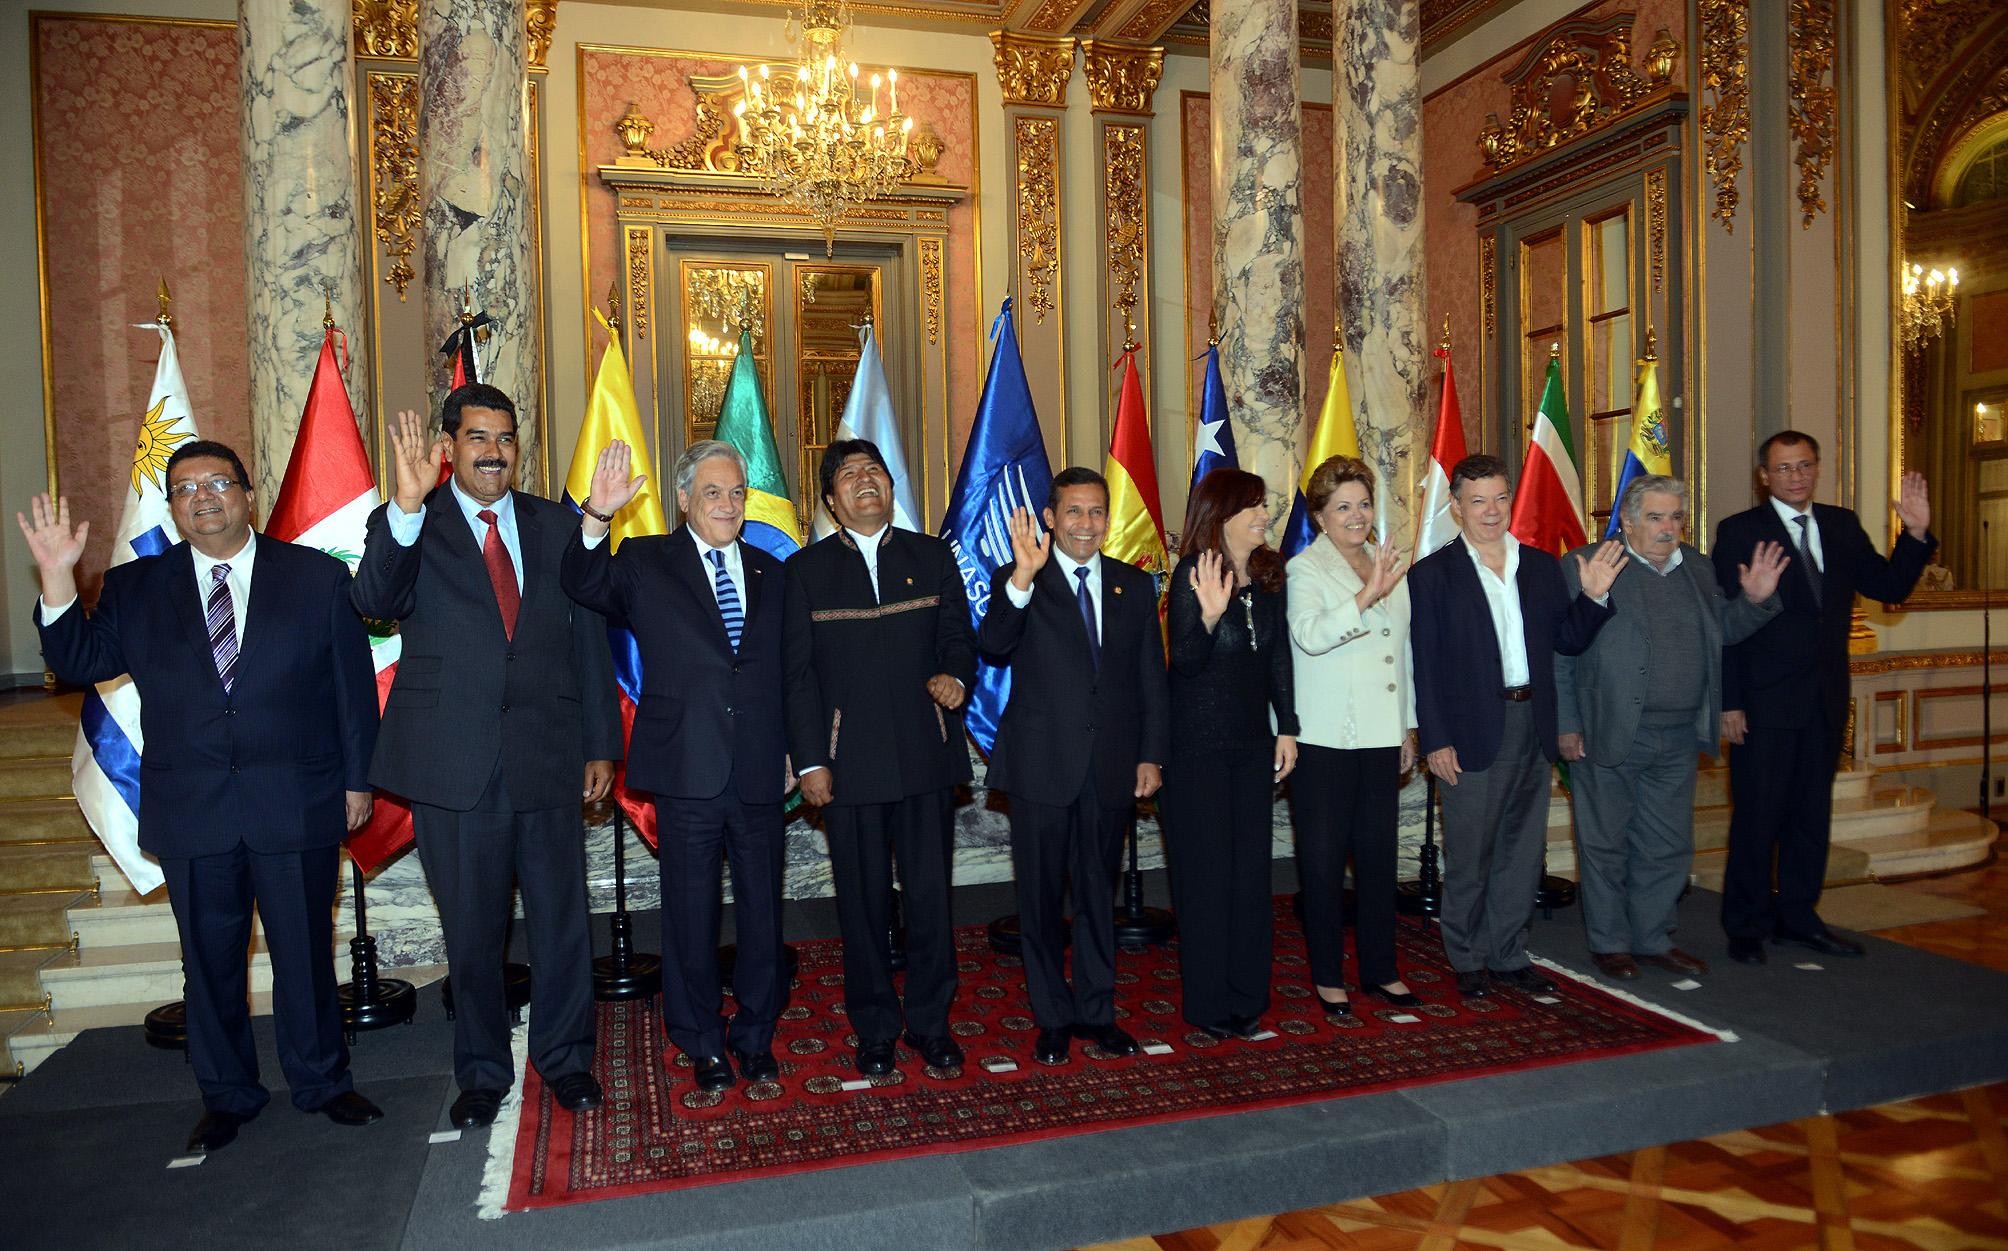 Fotografía oficial, reunión extraordinaria del Consejo de Jefes de Estado y de Gobierno de UNASUR